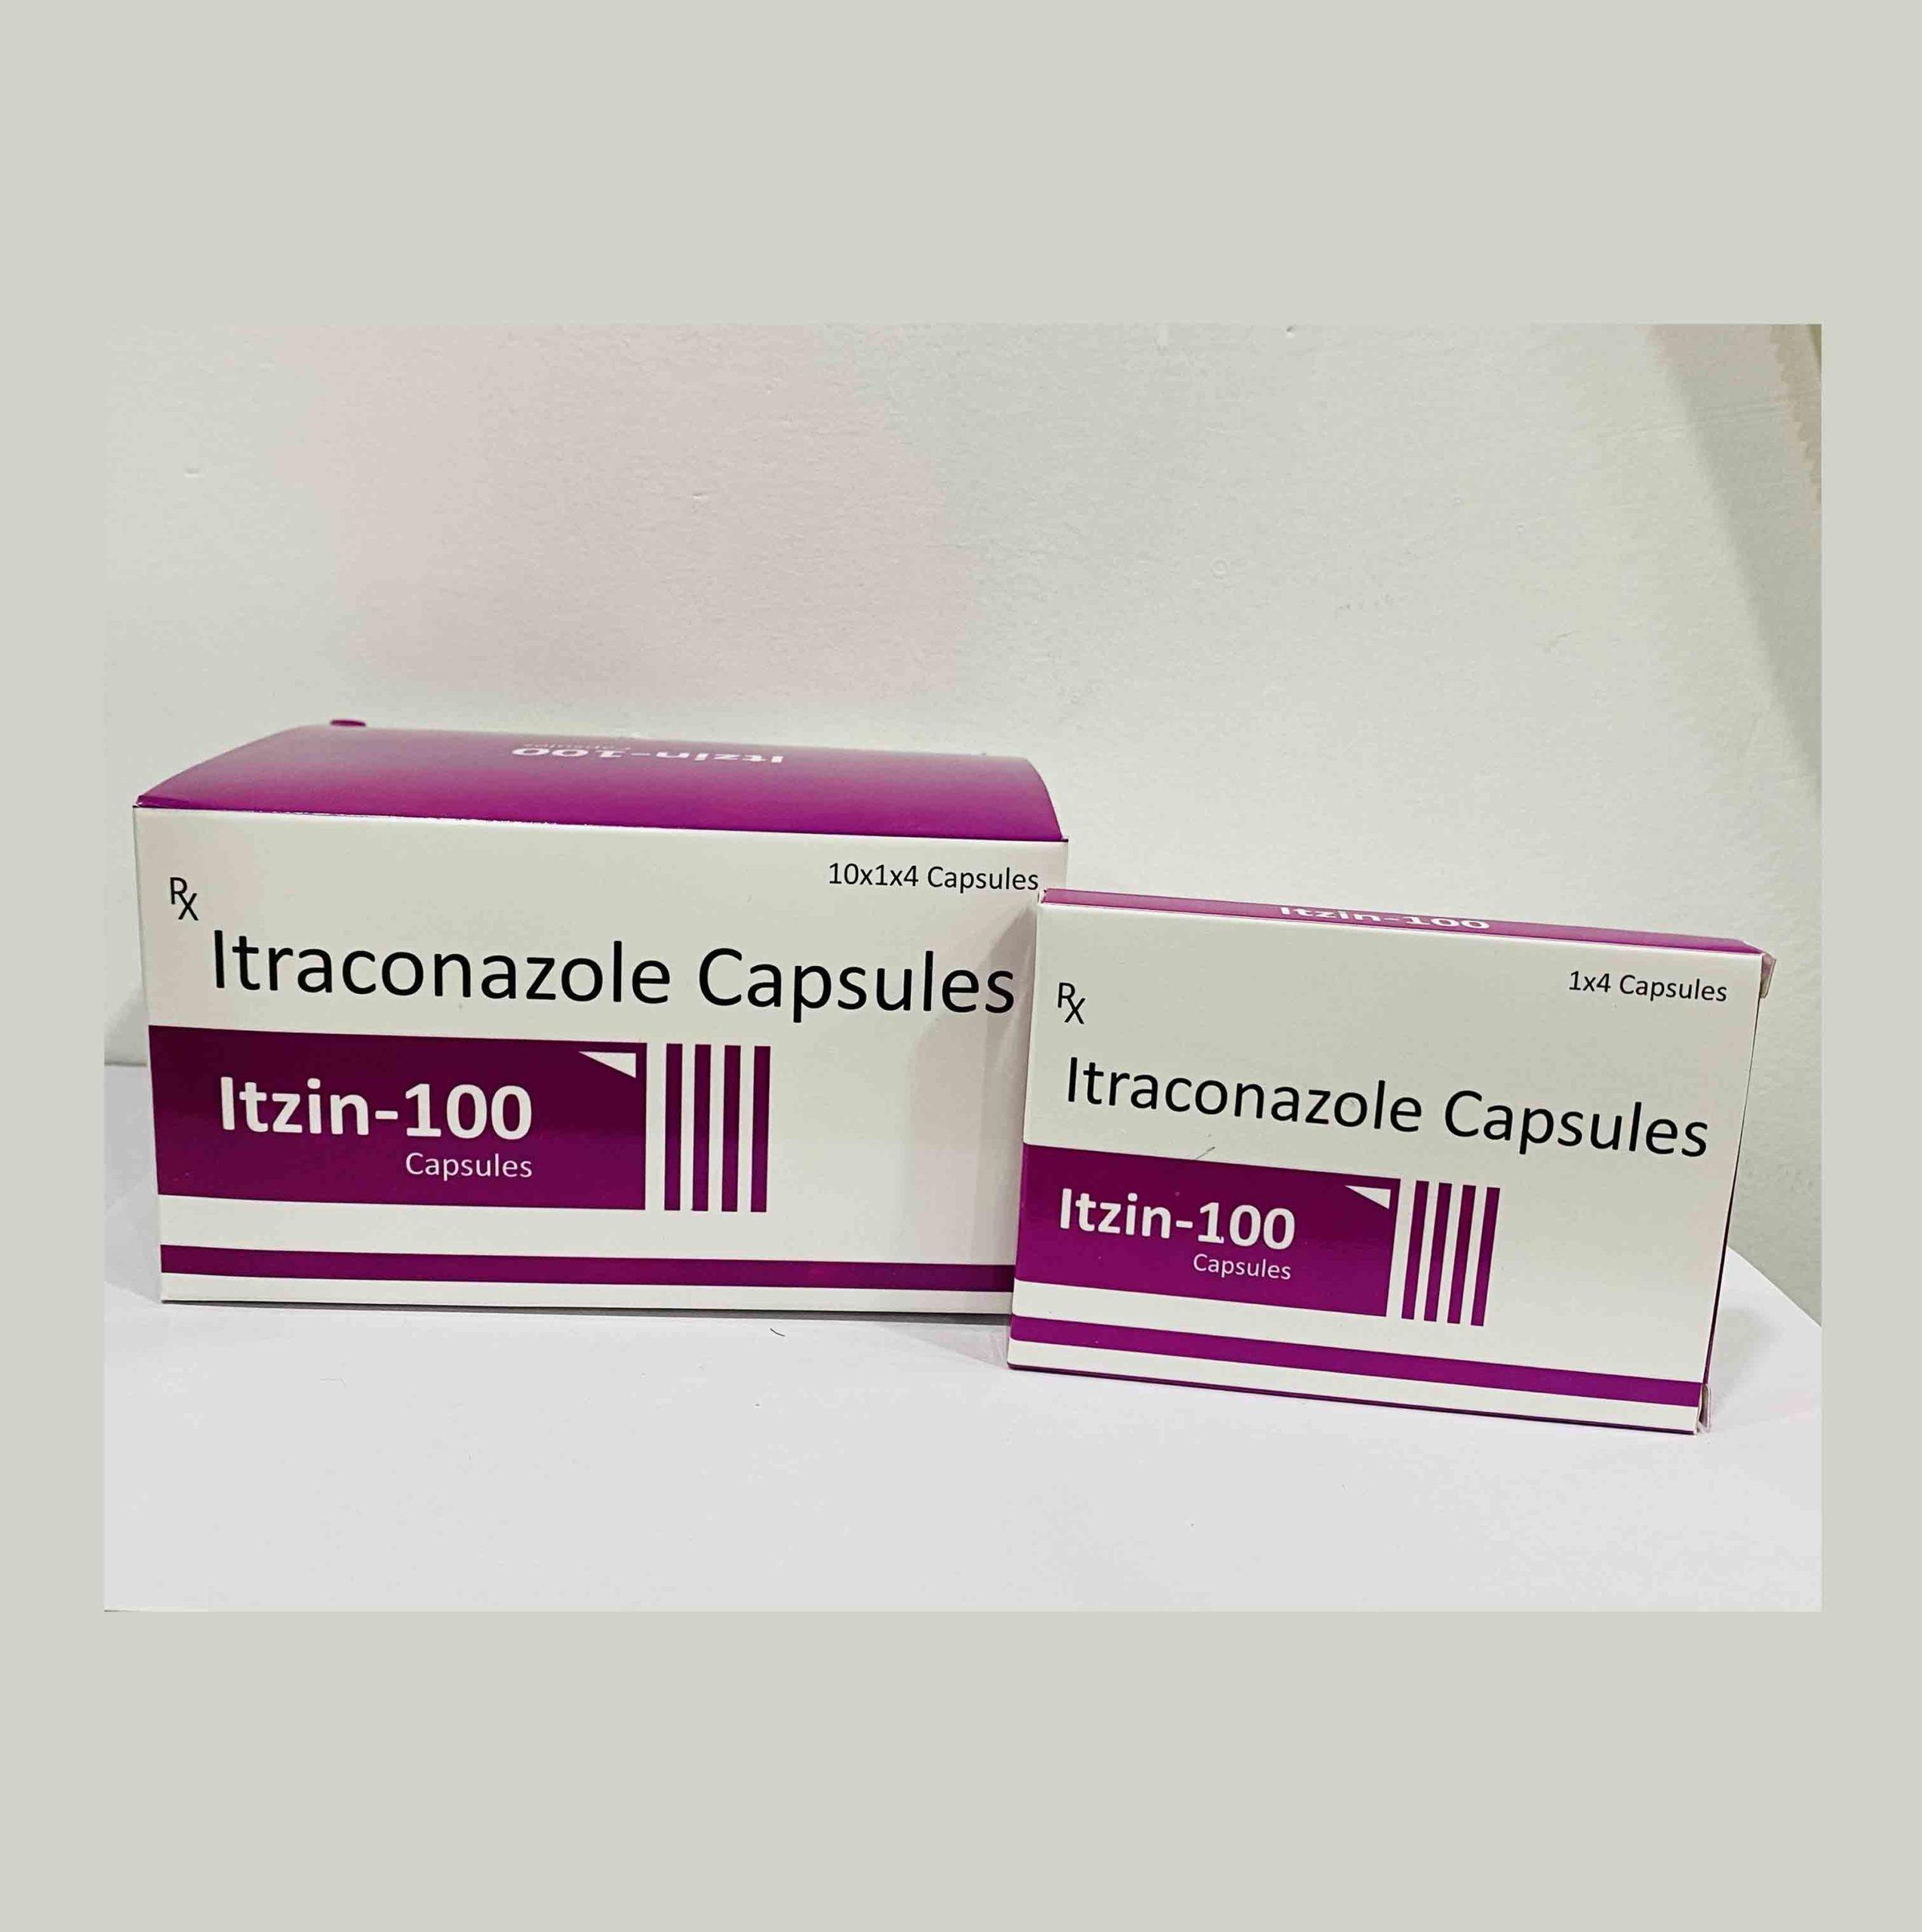 ITZIN-100